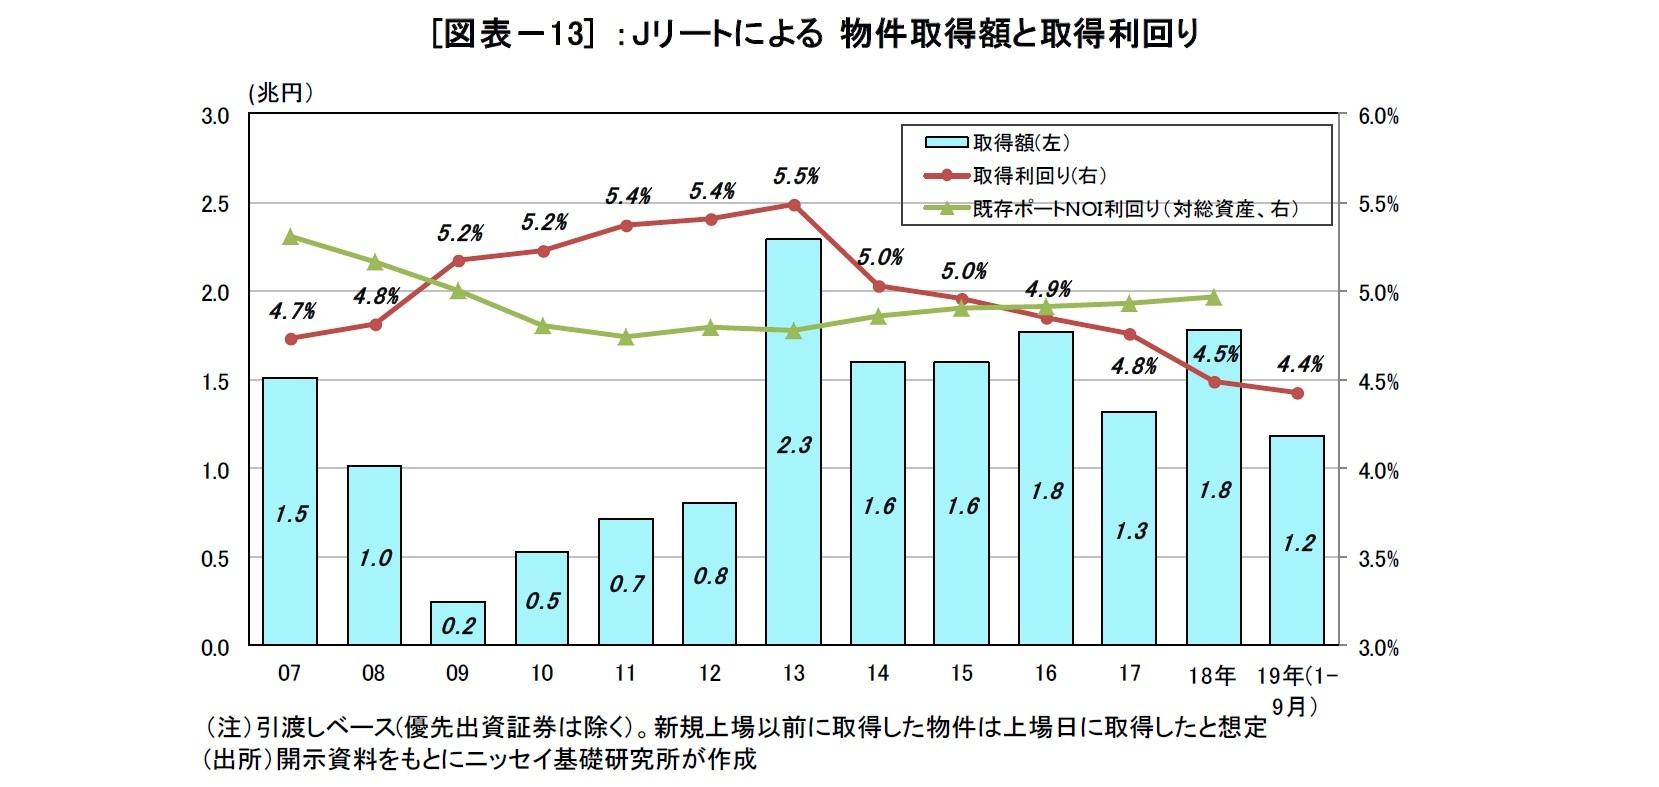 [図表-13] :Jリートによる物件取得額と取得利回り